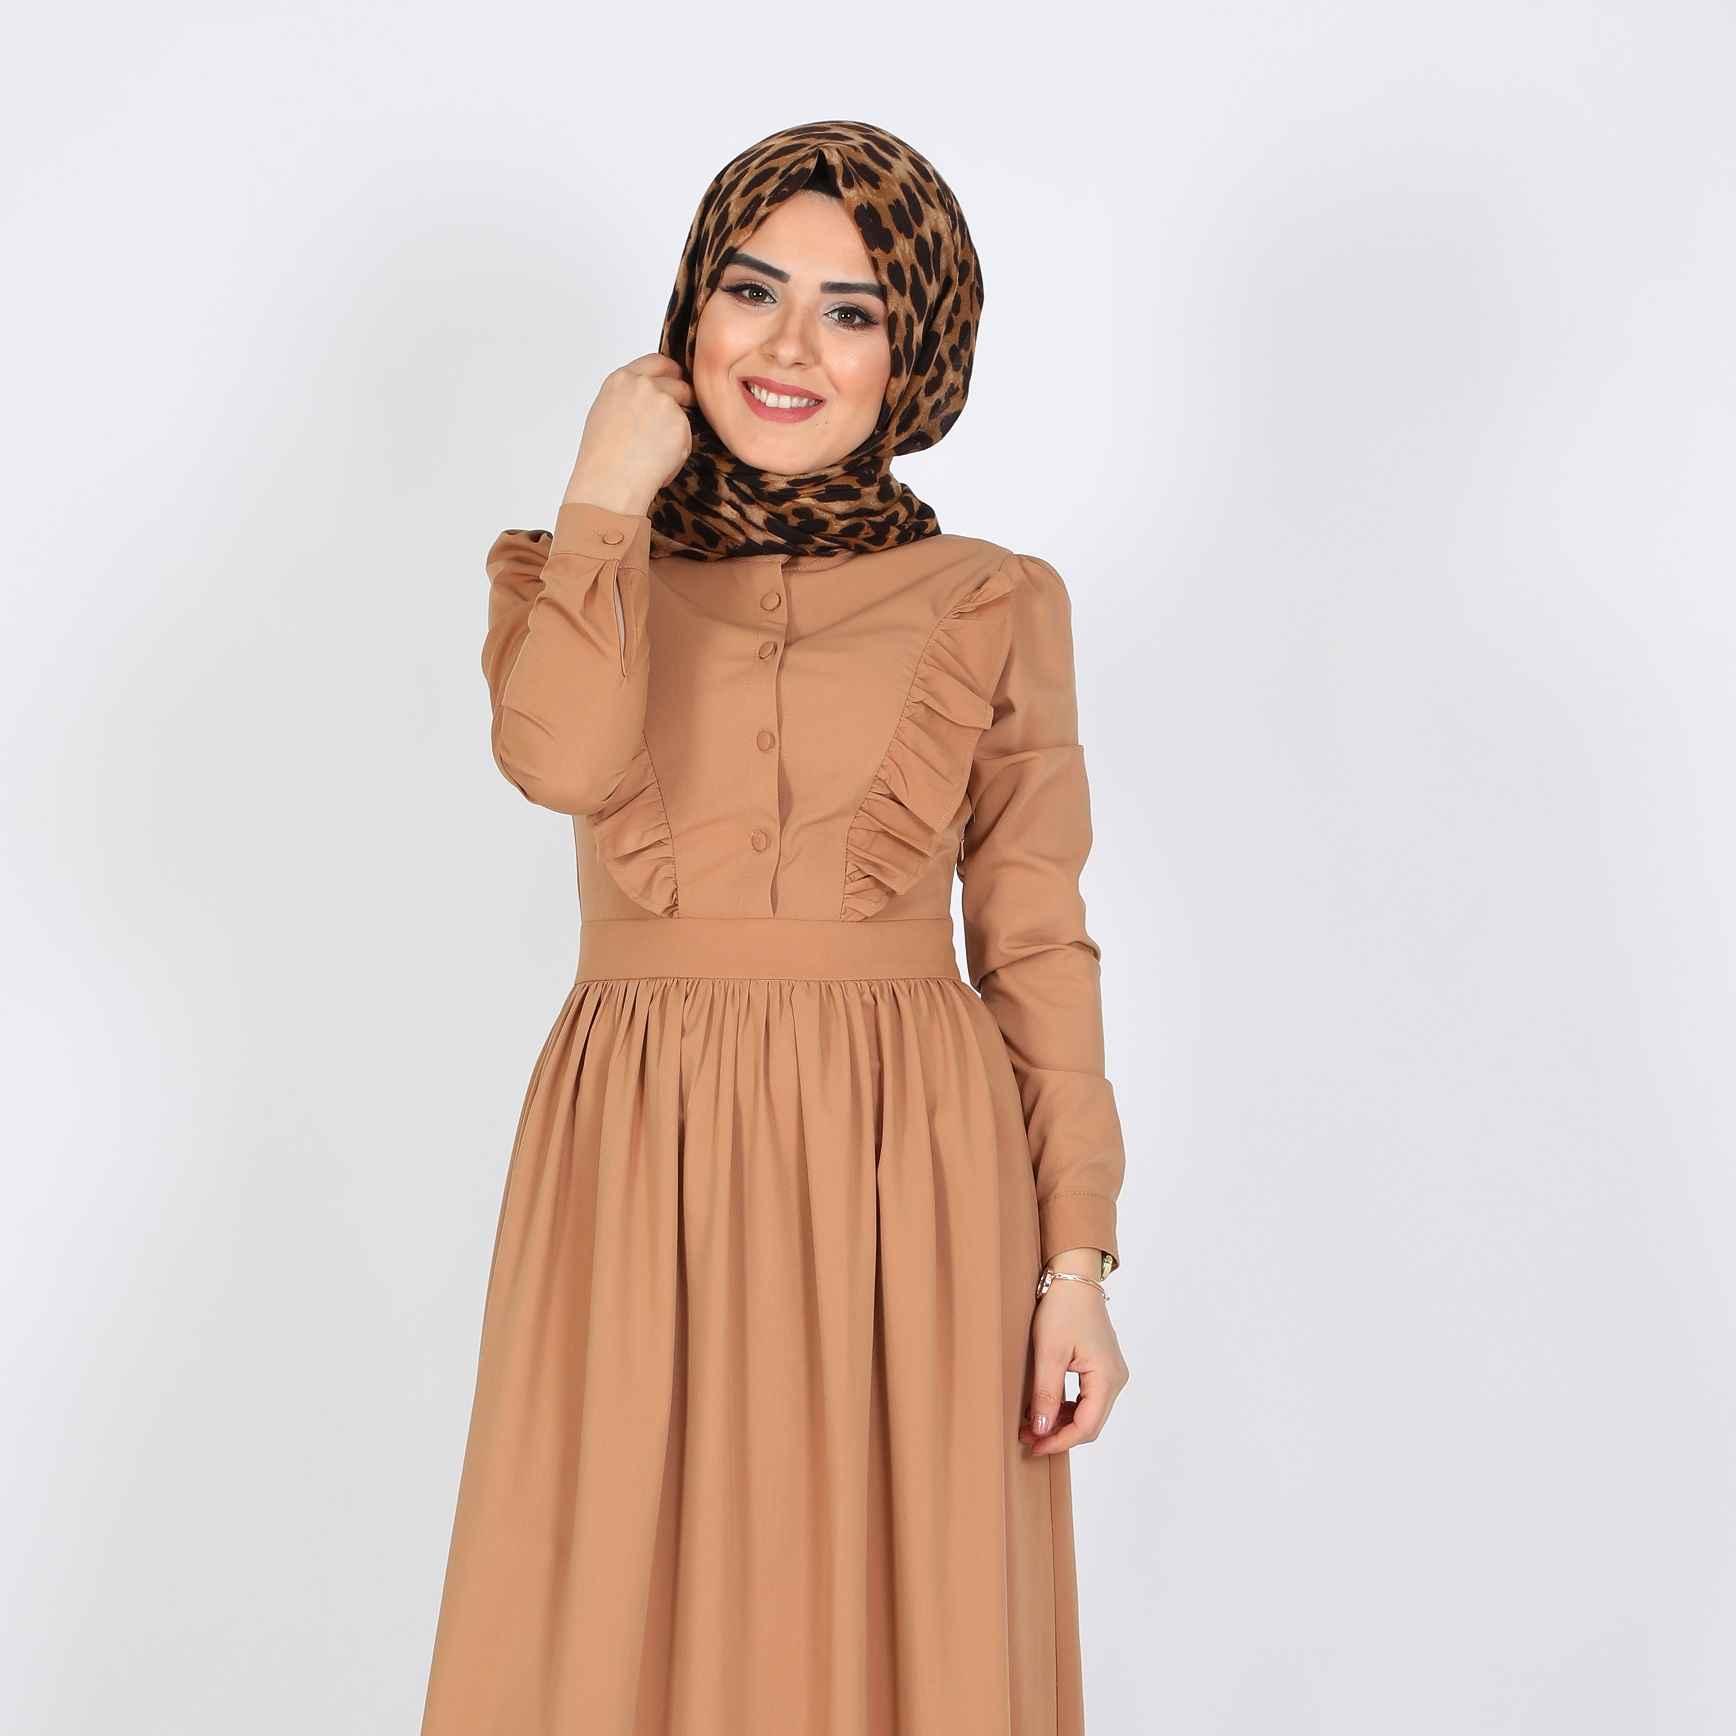 Fırfırlı Tesettür Elbise Modelleri